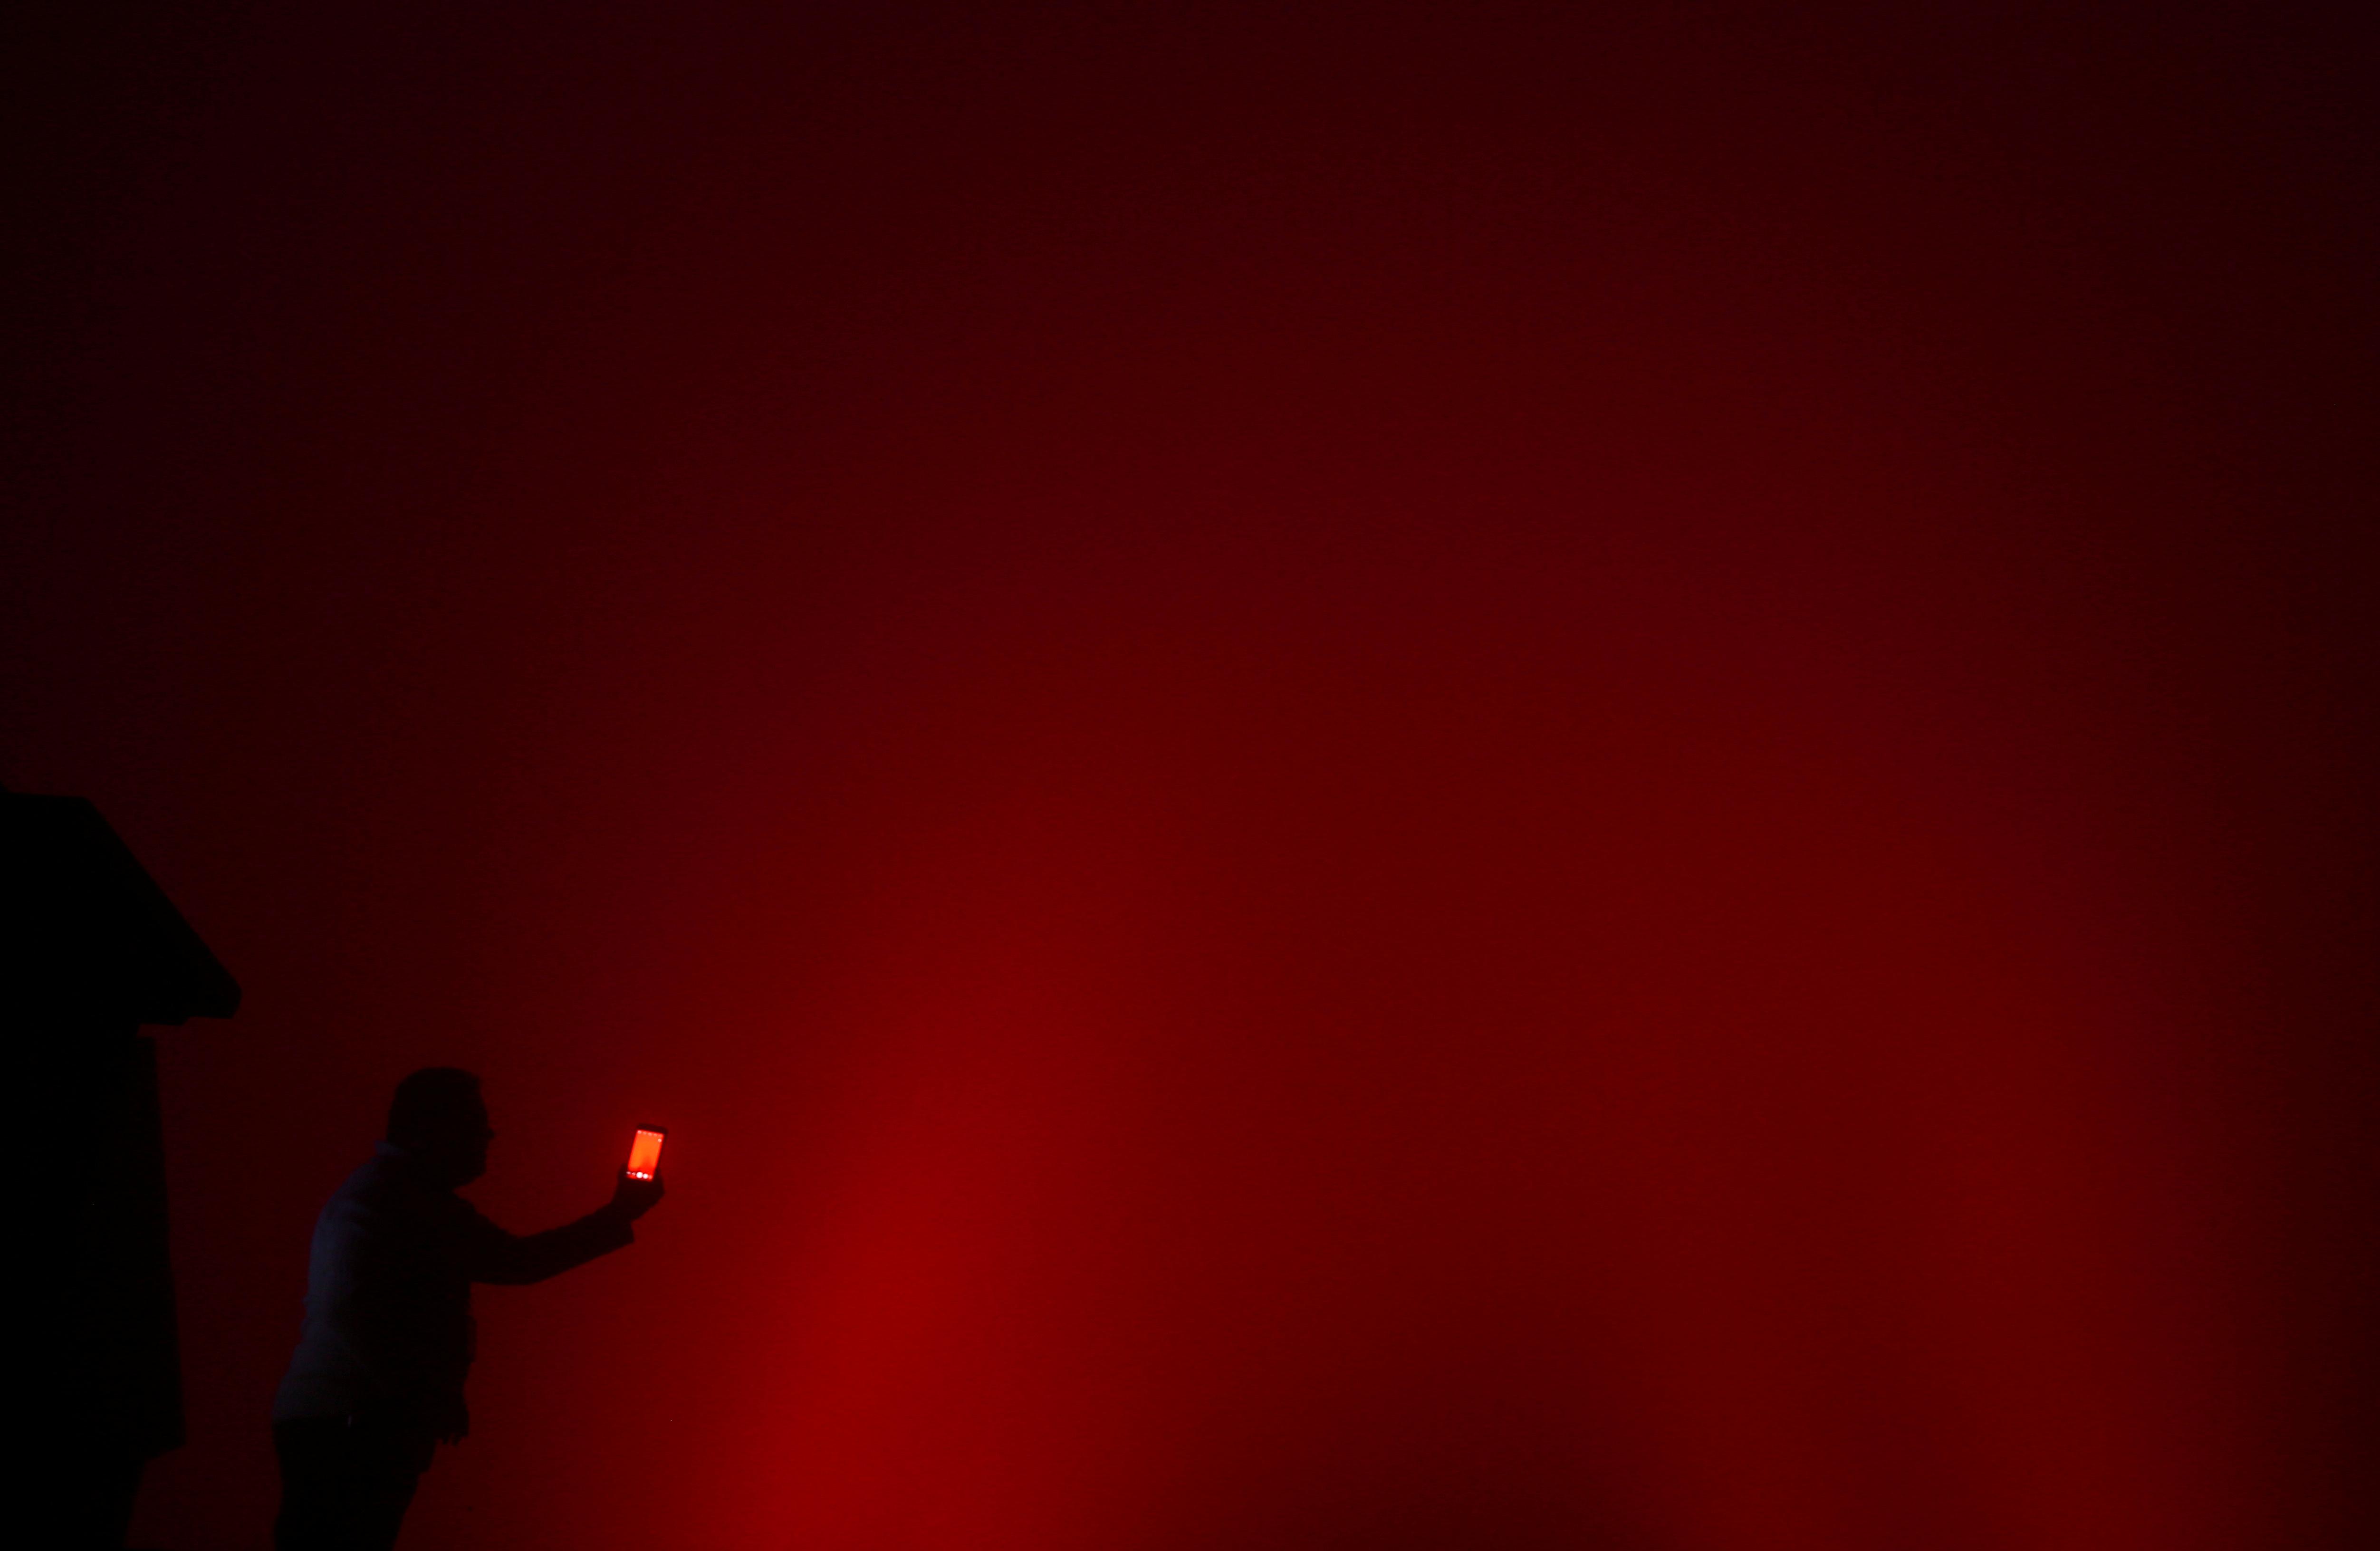 إضاءة تمثال المسيح فى البرازيل باللون الأحمر